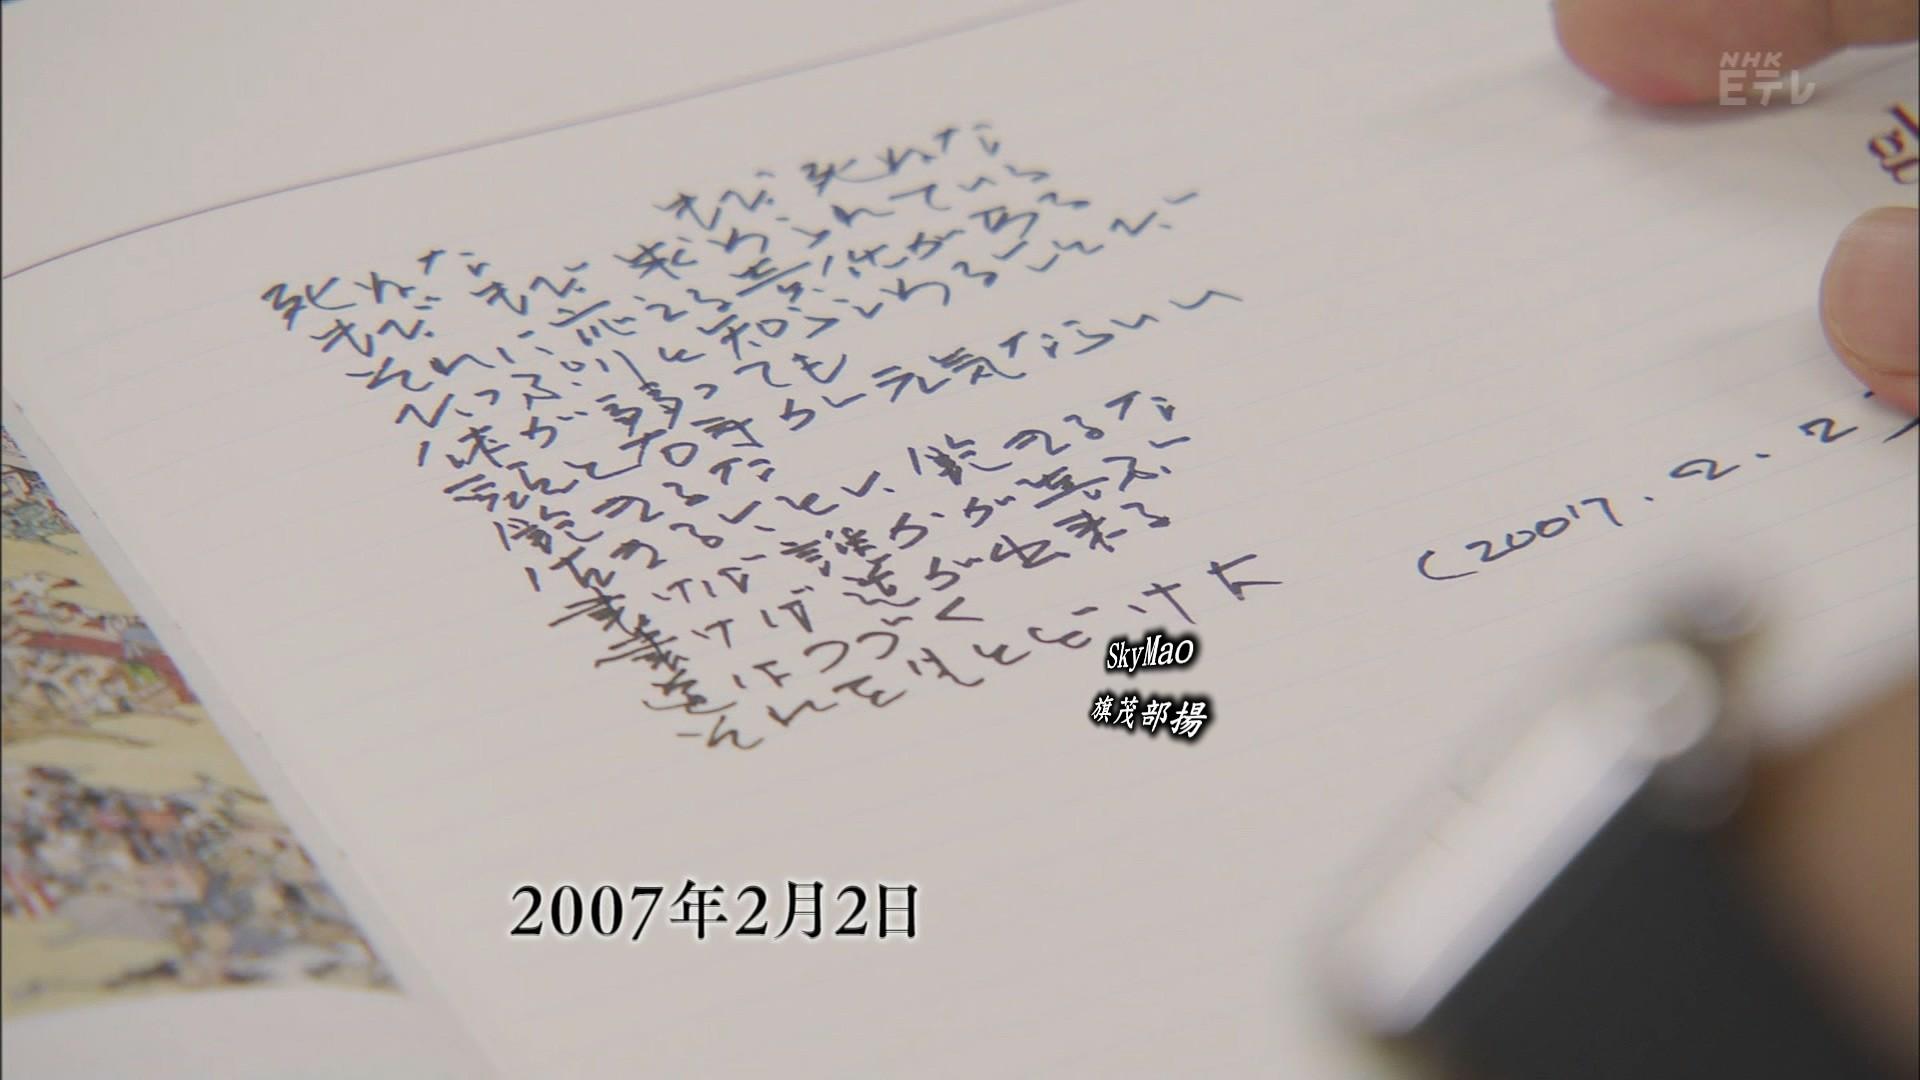 2017.09.23 全場(いきものがかり水野良樹の阿久悠をめぐる対話).ts_20170924_024116.756